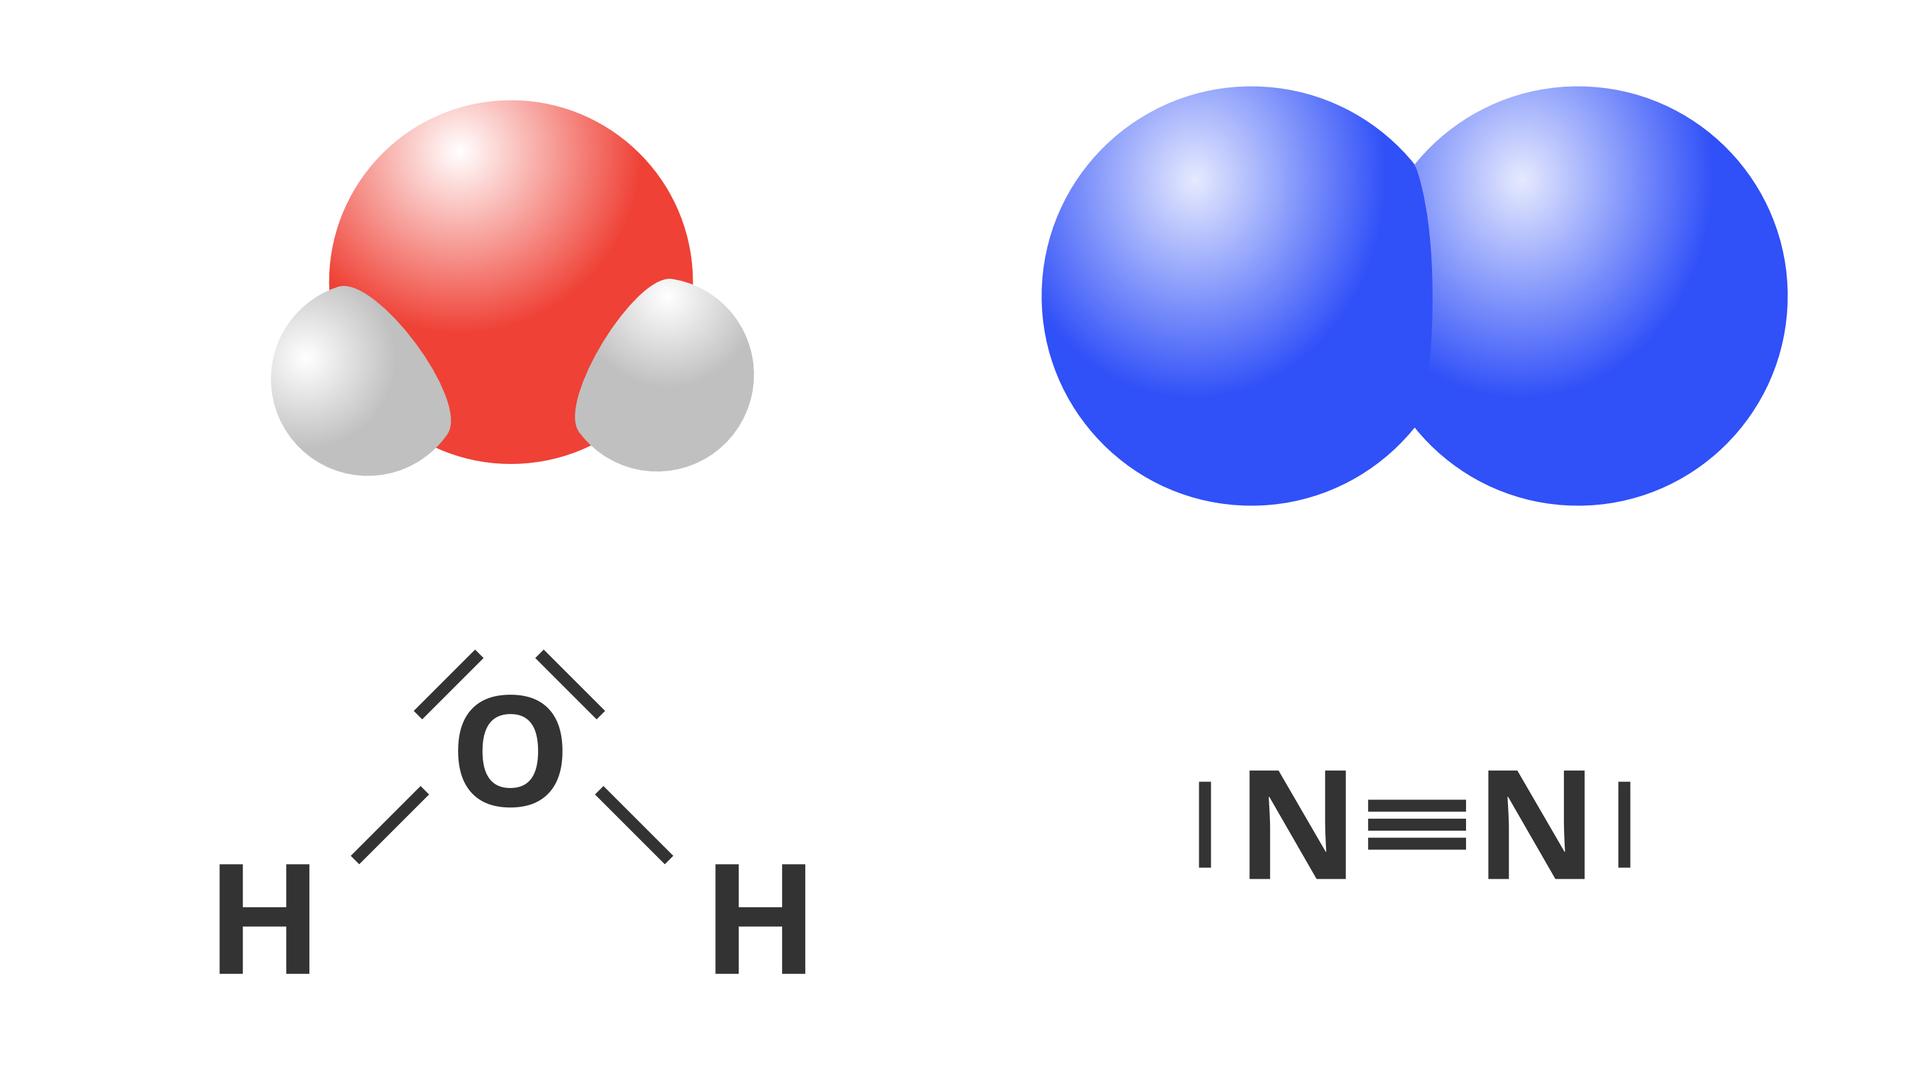 Ilustracja przedstawia graficzne modele cząsteczek wody iazotu oraz ich wzory elektronowe. Wcząsteczce wody po lewej stronie atom tlenu ma postać dużej białej kuli wczerwonym kolorze, aprzylegające do niej mniejsze białe kulki reprezentują atomy wodoru. Wzór elektronowy znajdujący się poniżej ma postać kreskową, co oznacza, że pary elektronów występujące przy danym atomie mają postać kresek przylegających do symbolu atomu lub łączących dwa atomy. Wcząsteczce wody występują cztery takie kreski - dwie otaczają symbol tlenu od góry, adwie wdolnej części łączą tlen zatomami wodoru. Wcząsteczce azotu po prawej stronie atomy azotu mają postać dużych, przylegających do siebie niebieskich kul. We wzorze elektronowym można zaobserwować, że atomy te łączą trzy pary elektronowe, aponadto każdy atom azotu ma jeszcze jedną wolną parę elektronów po lewej iprawej stronie.